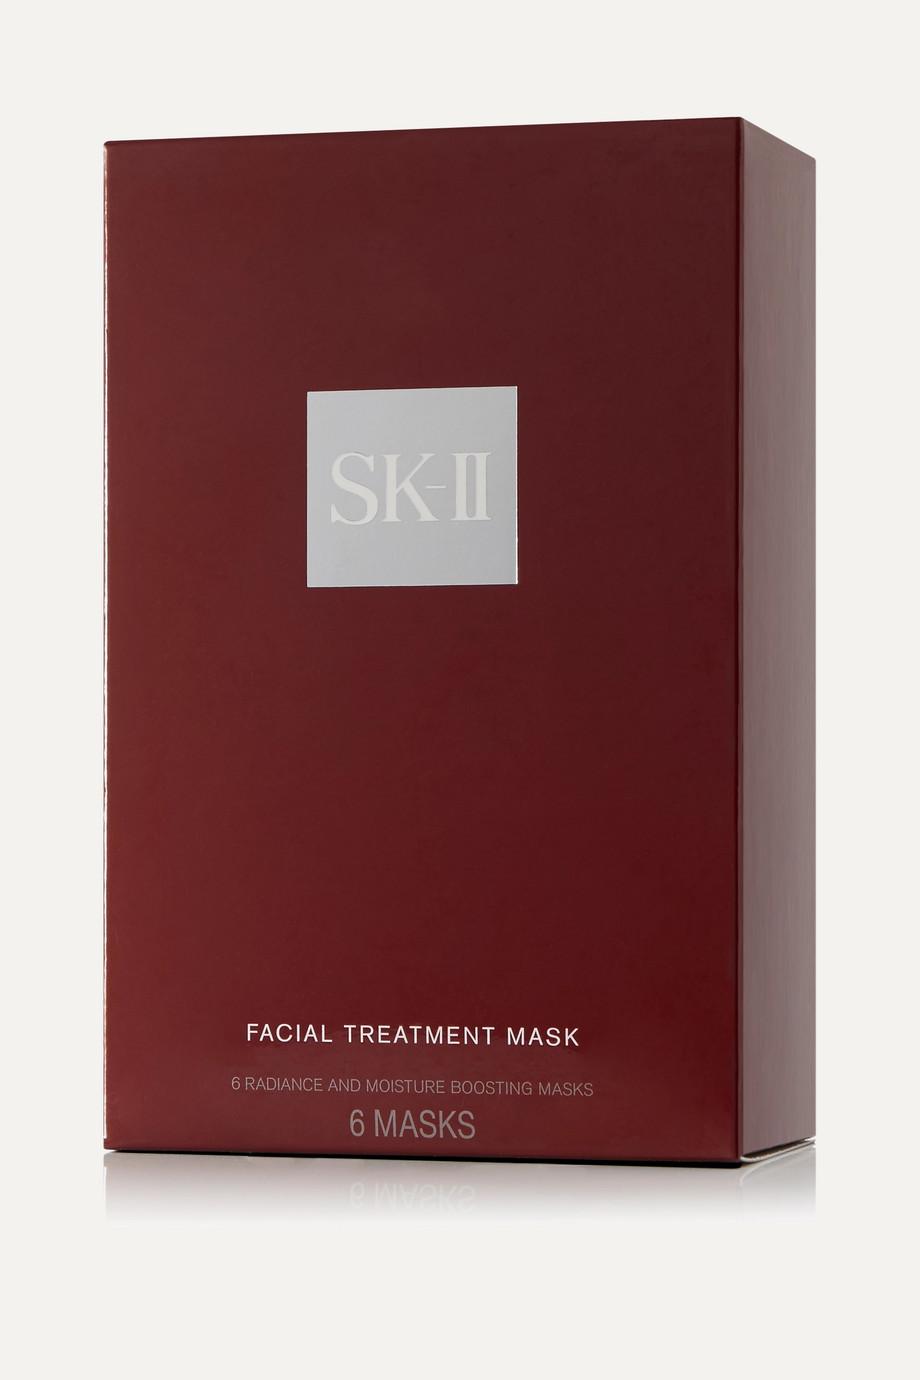 SK-II Facial Treatment Mask x 6